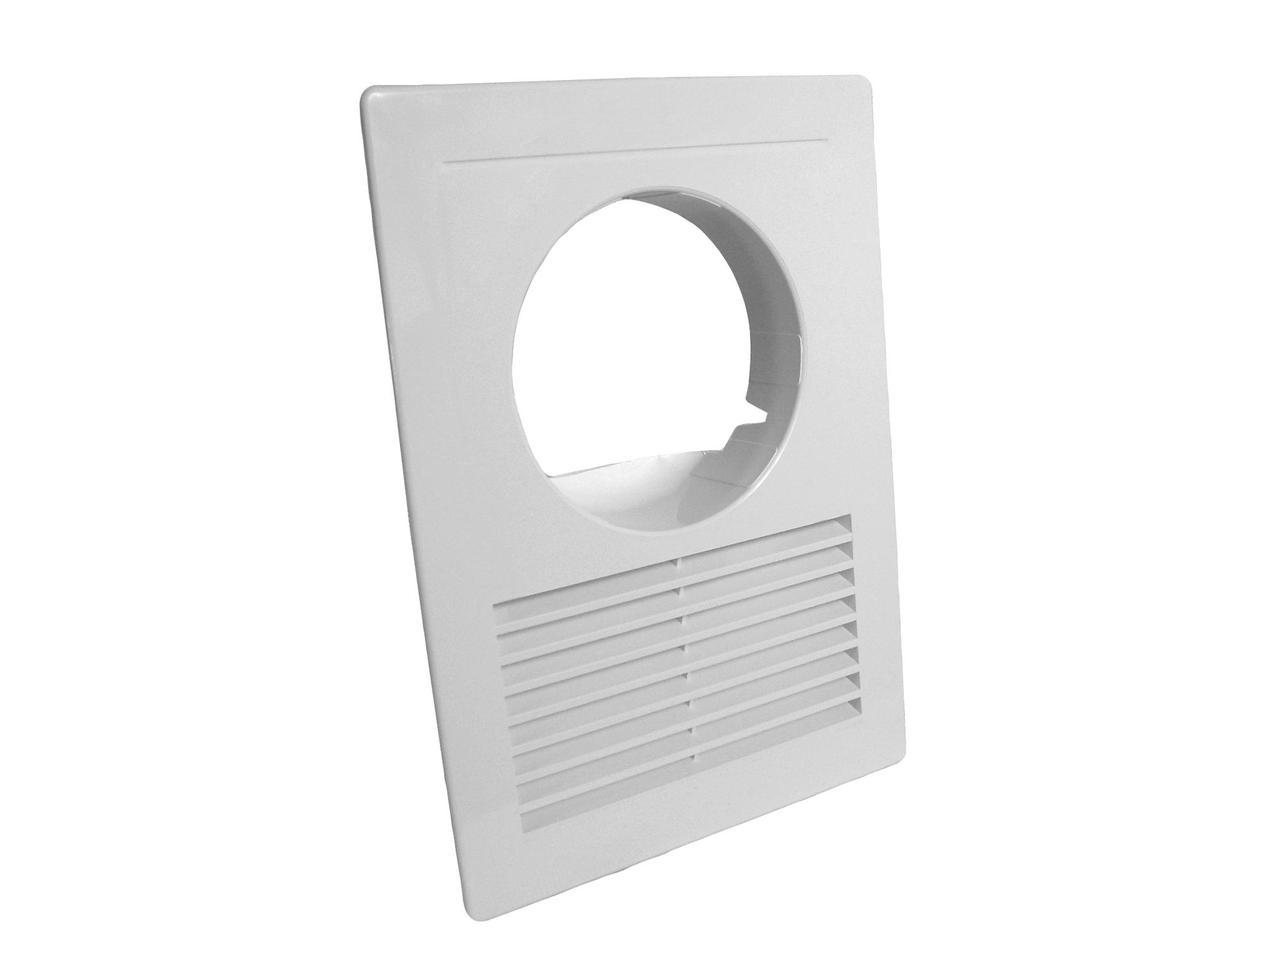 Решетка вентиляционная СФ D/100 мм, для кухни